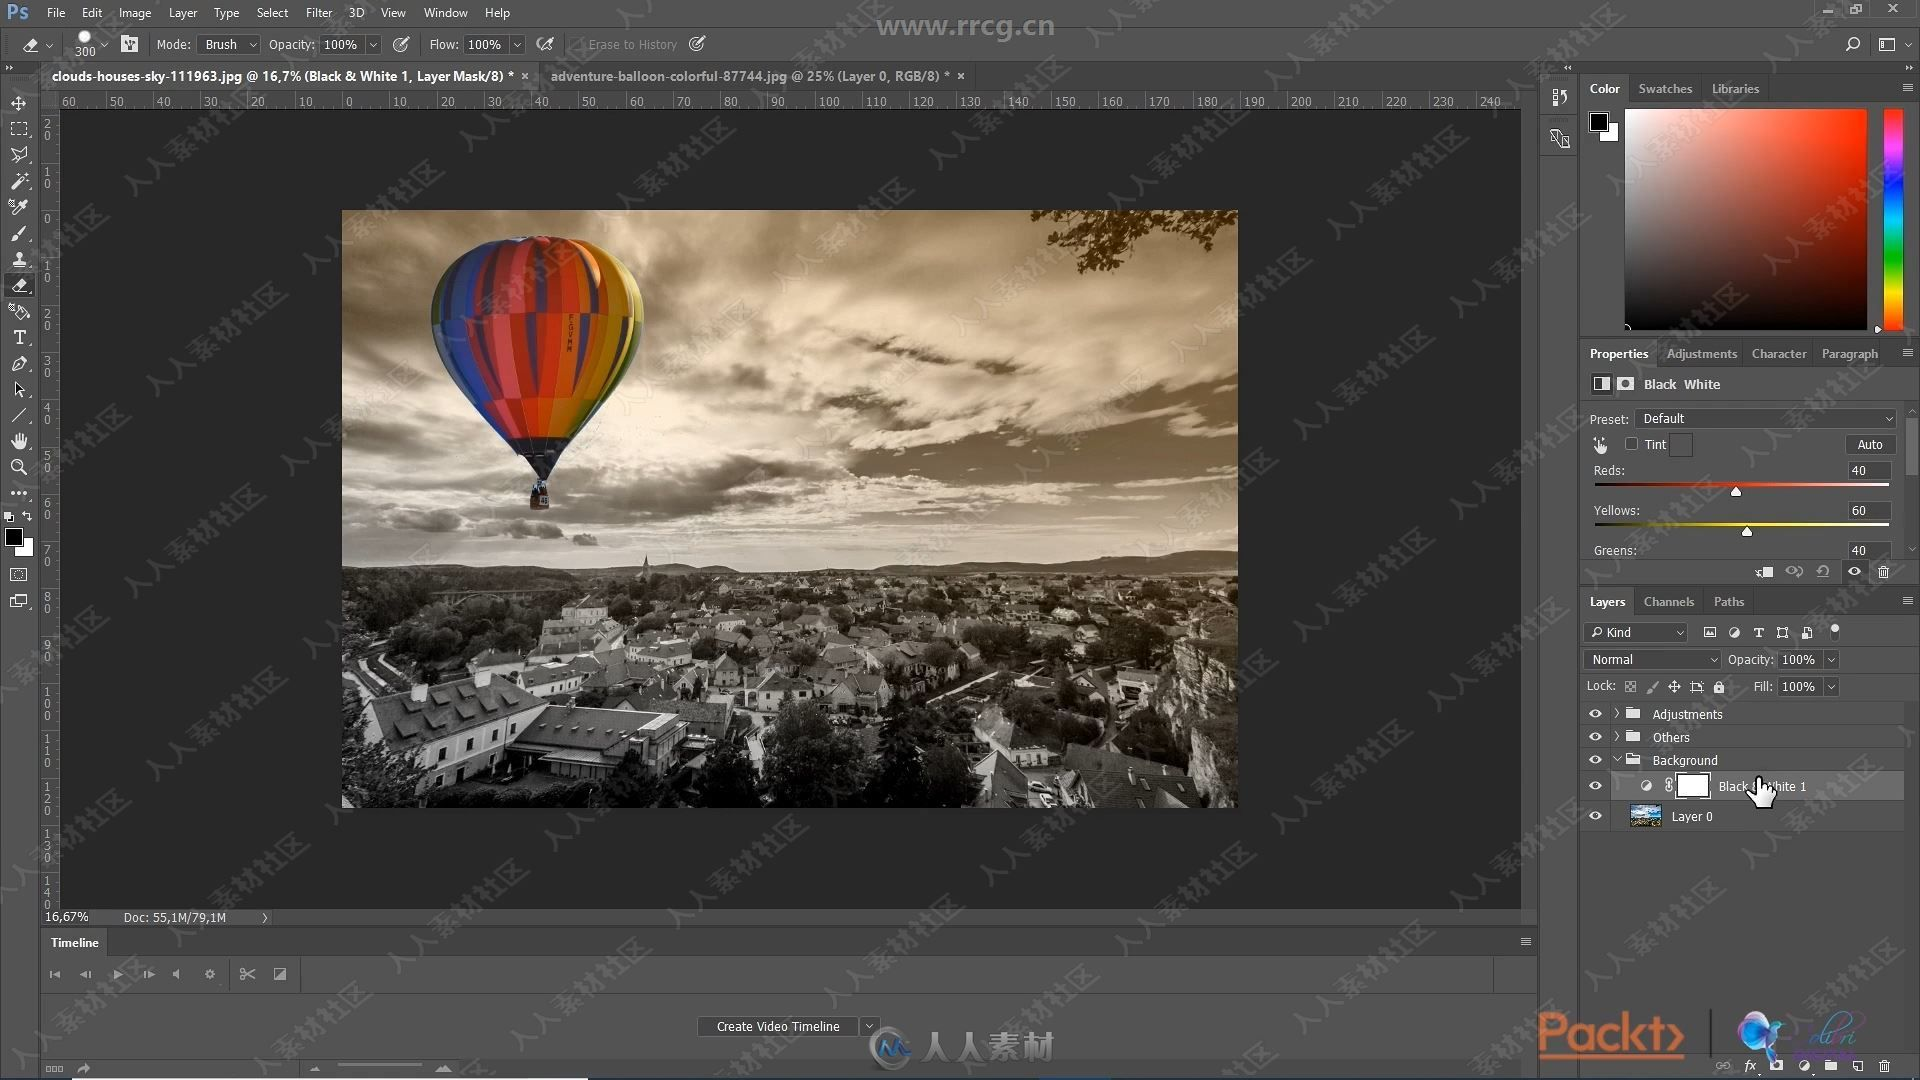 PS CC 2019摄影后期照片修饰技巧视频教程